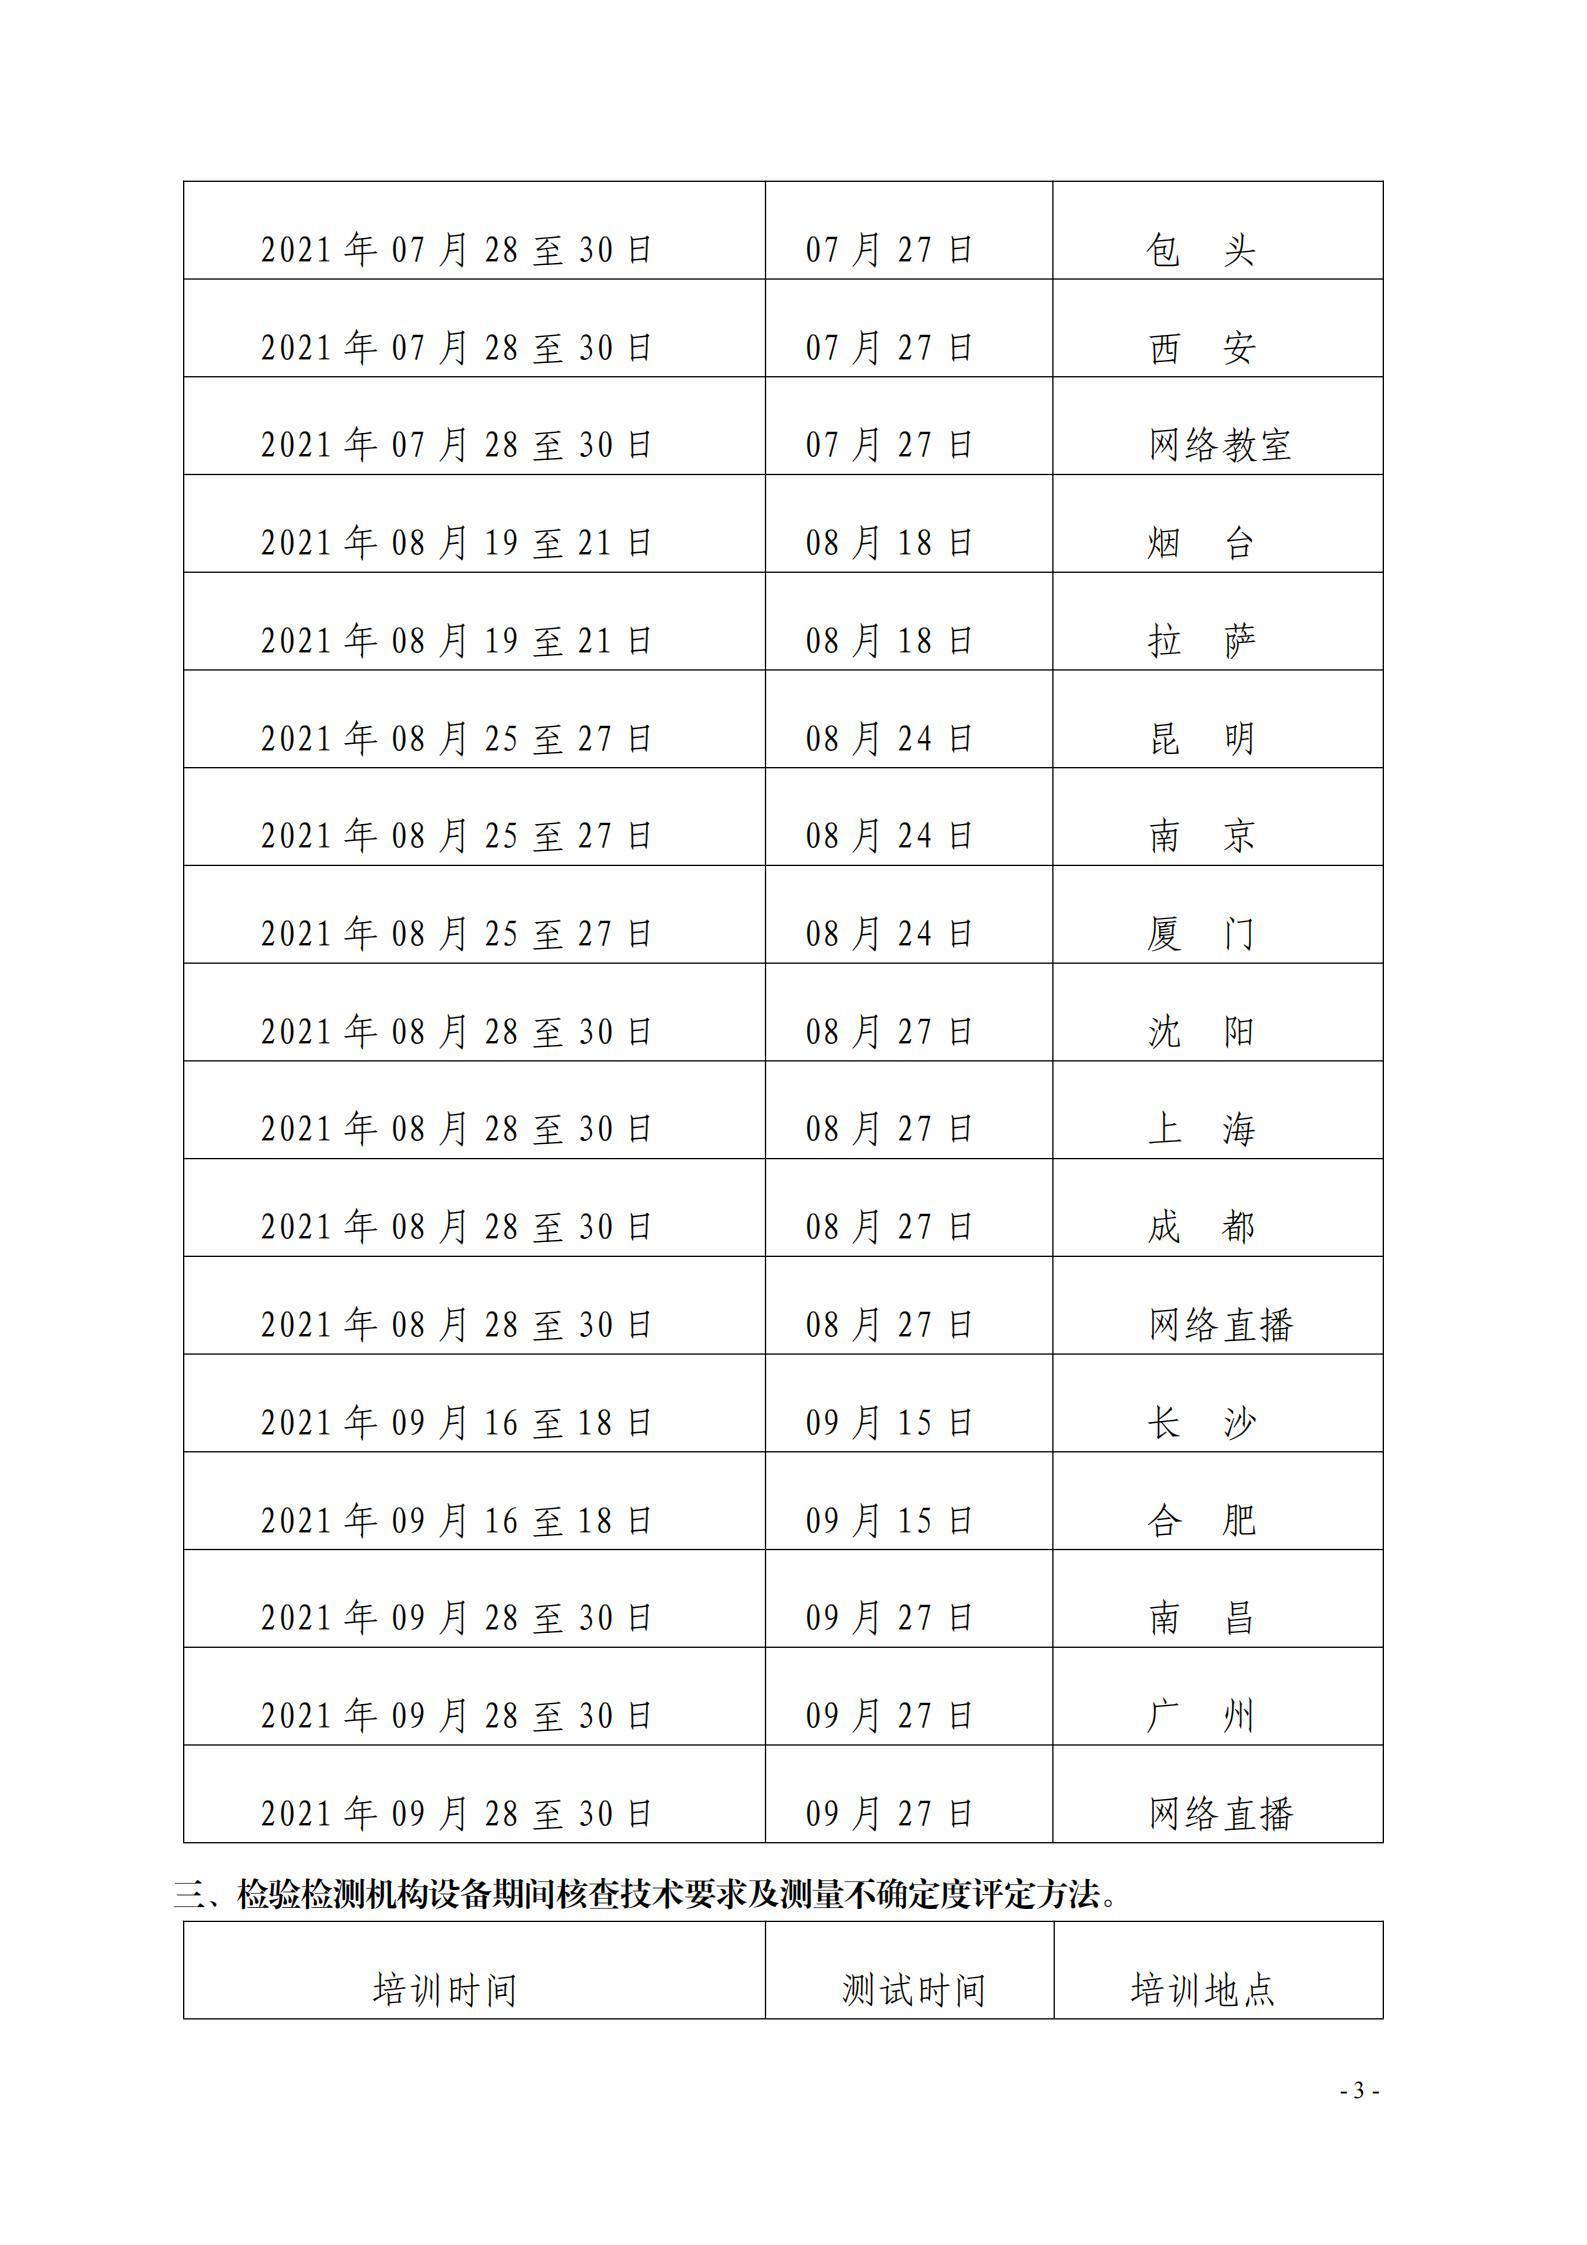 课程安排表_02.jpg